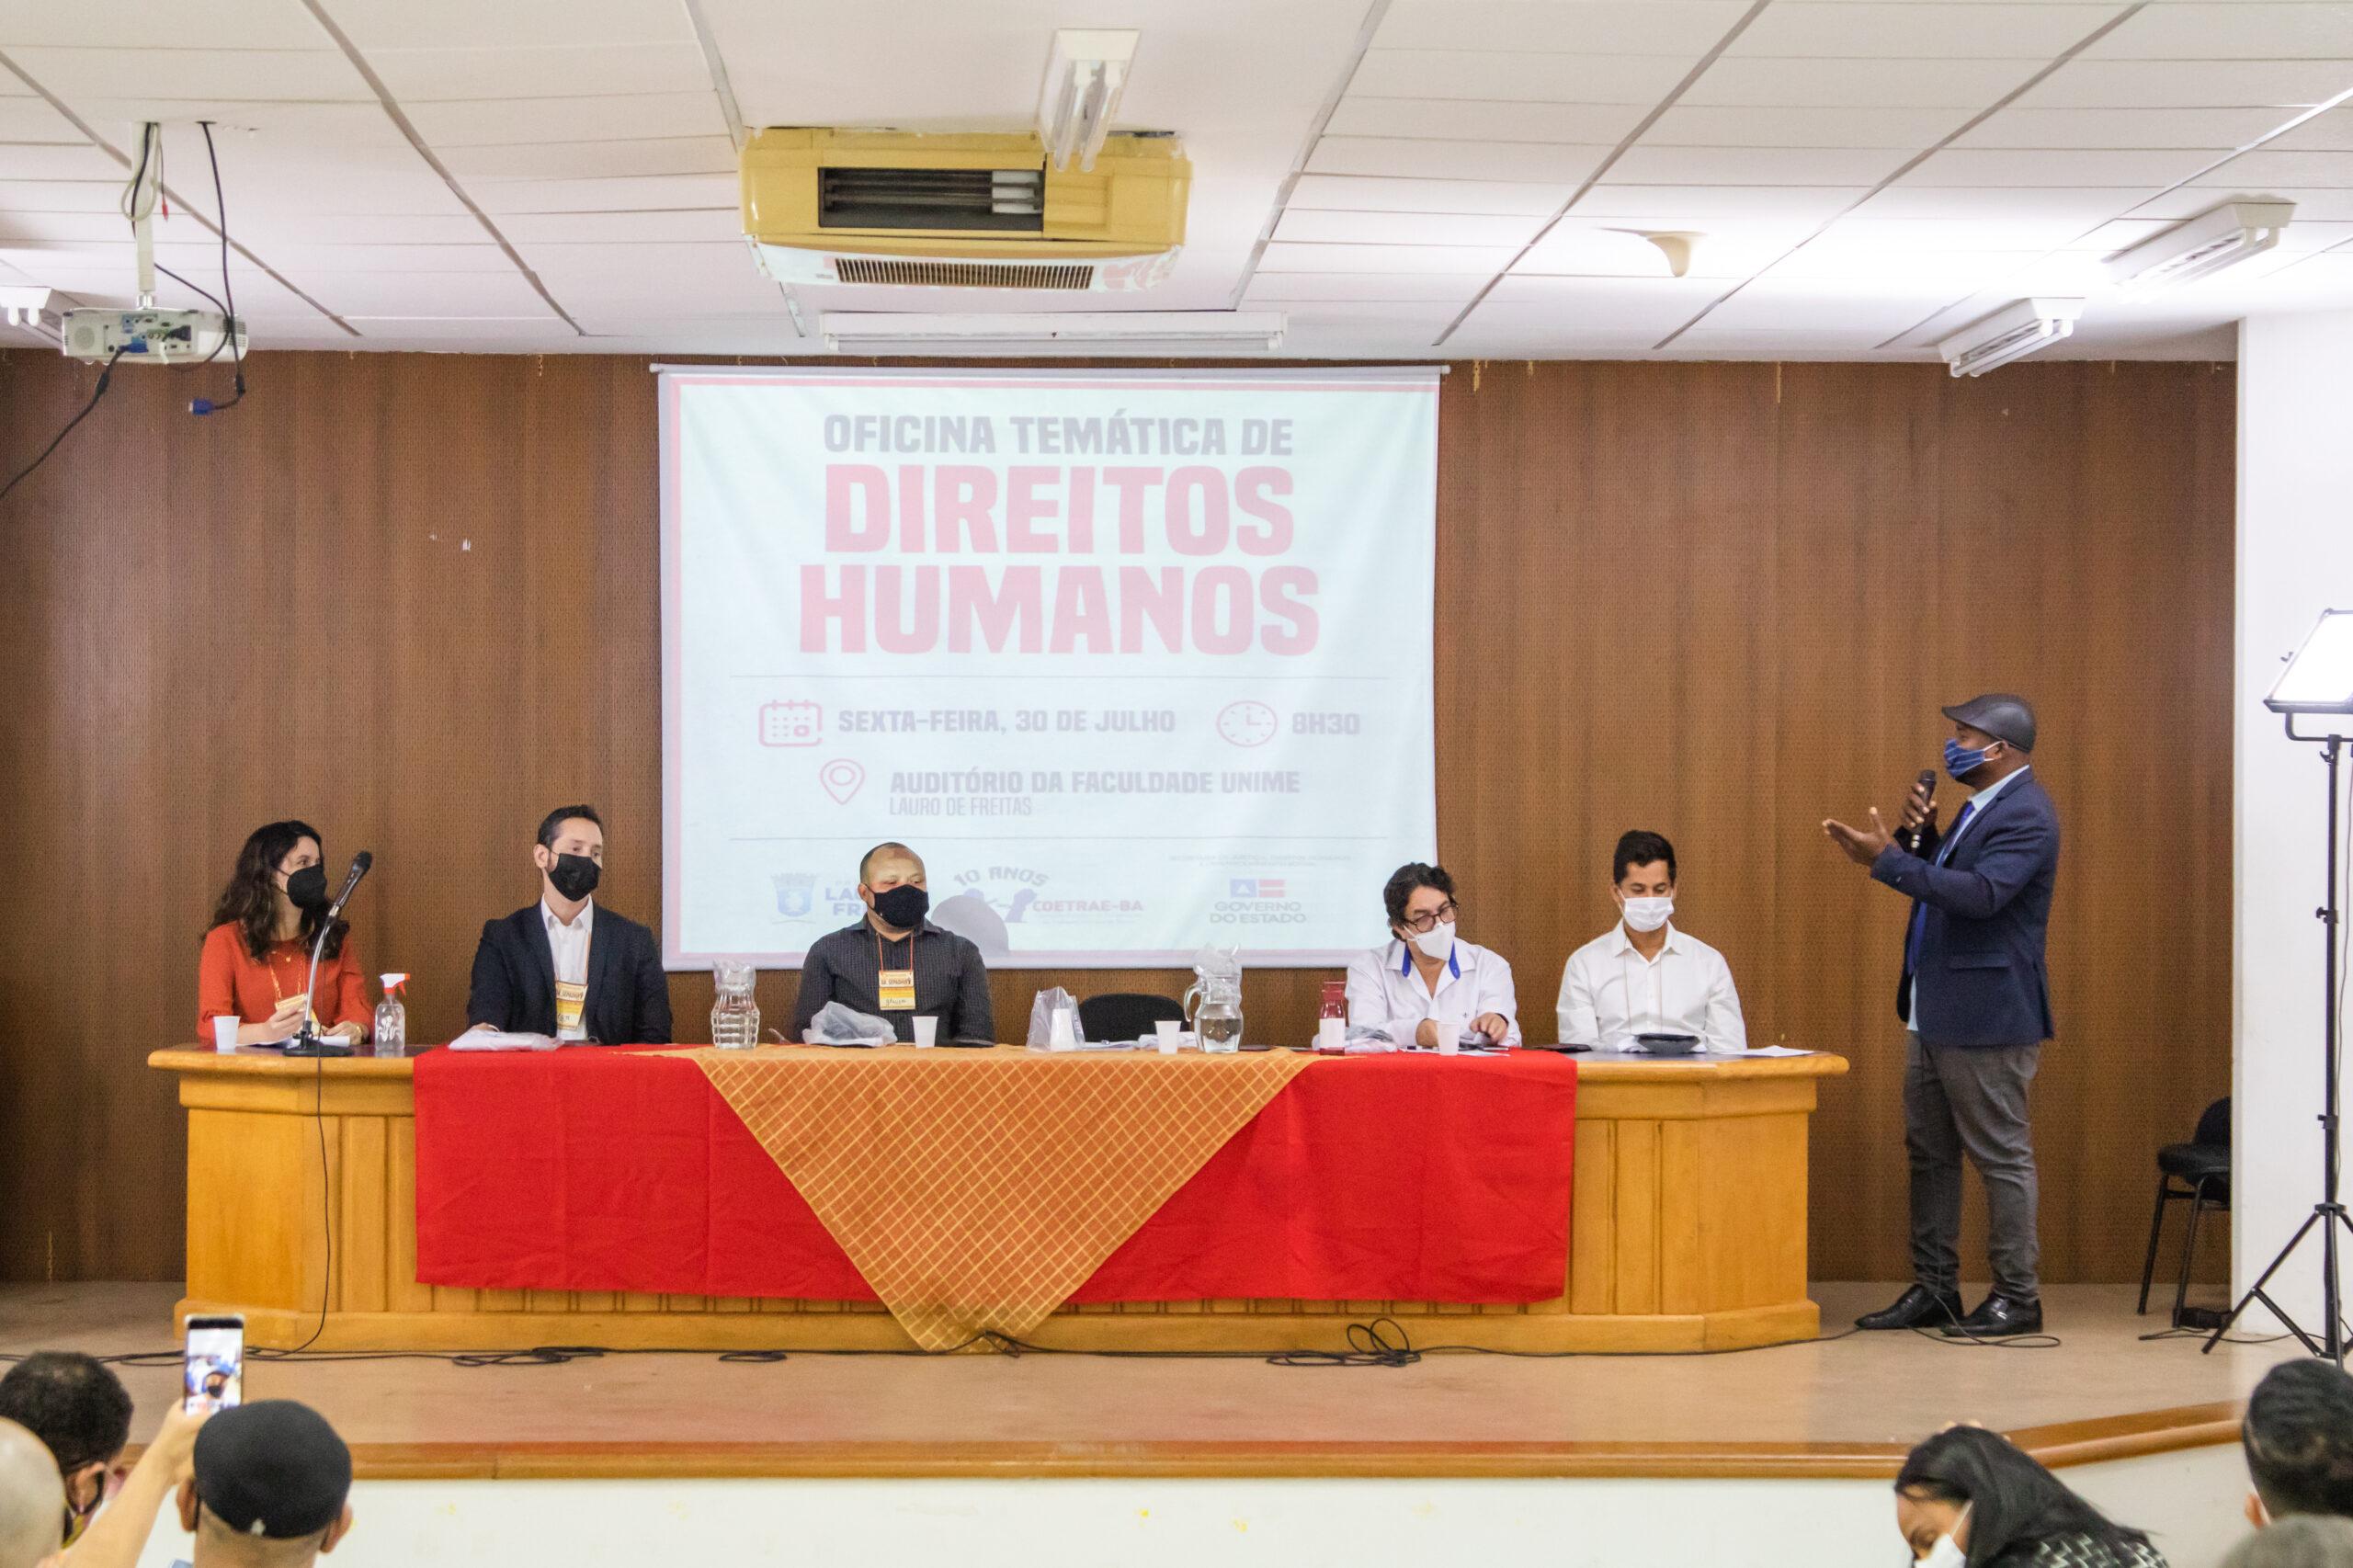 Oficina sobre Direitos Humanos é realizada em Lauro de Freitas com palestras sobre crimes relacionados ao trabalho escravo e tráfico de pessoas